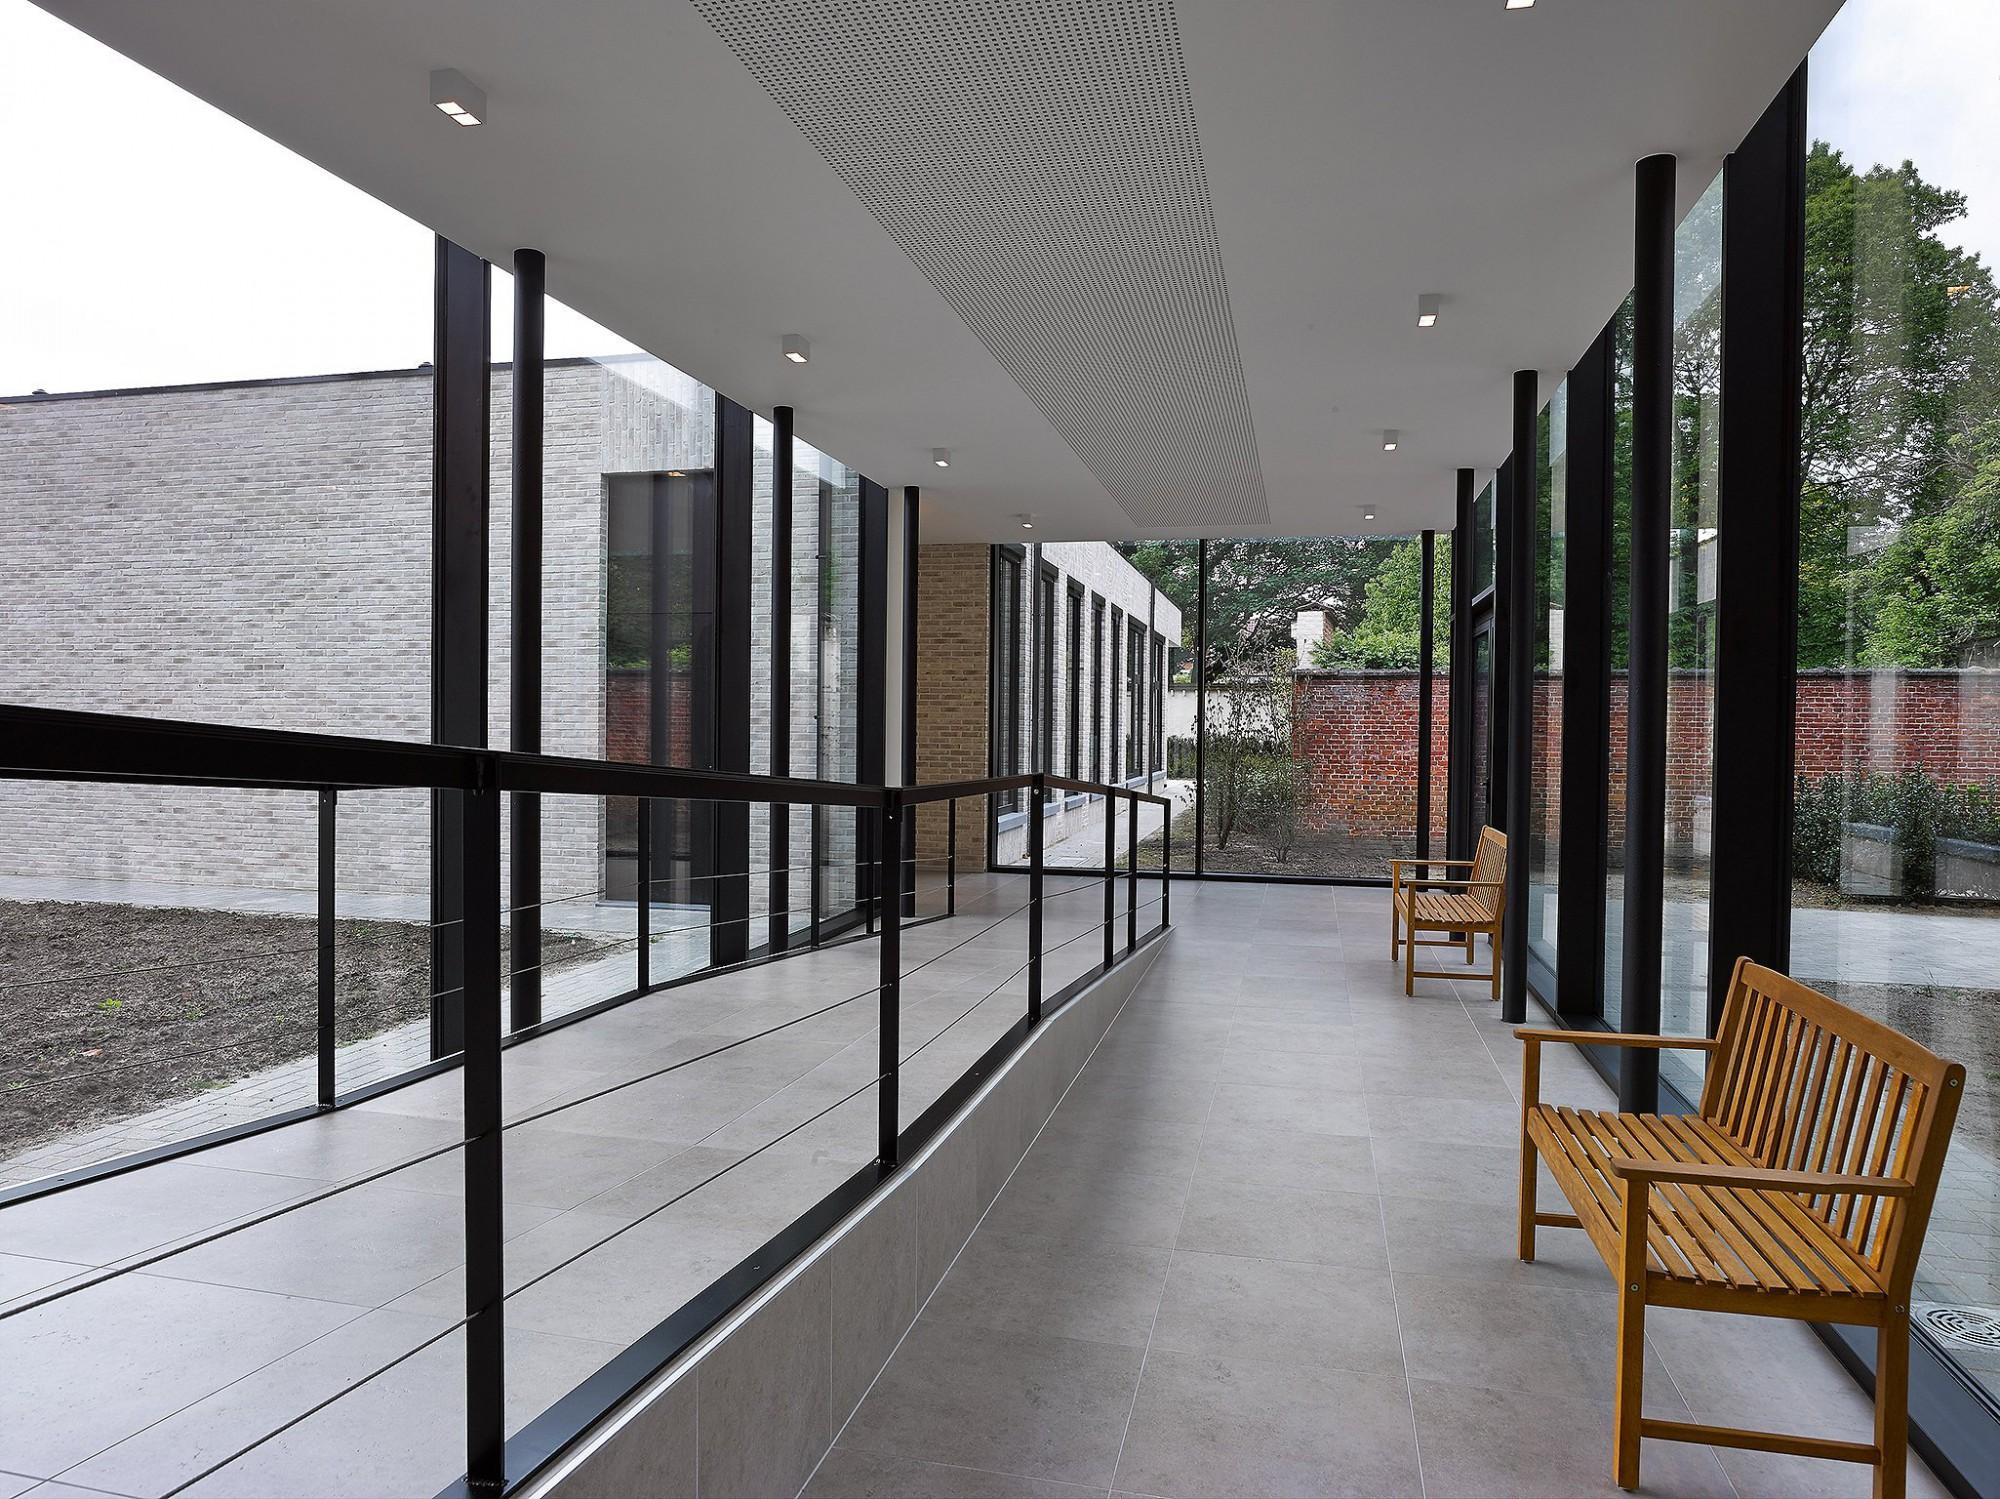 Afbeelding: Fotografie woonzorgcentra Klooster s 'Gravenwezel, voor bouwbedrijf Menbo.